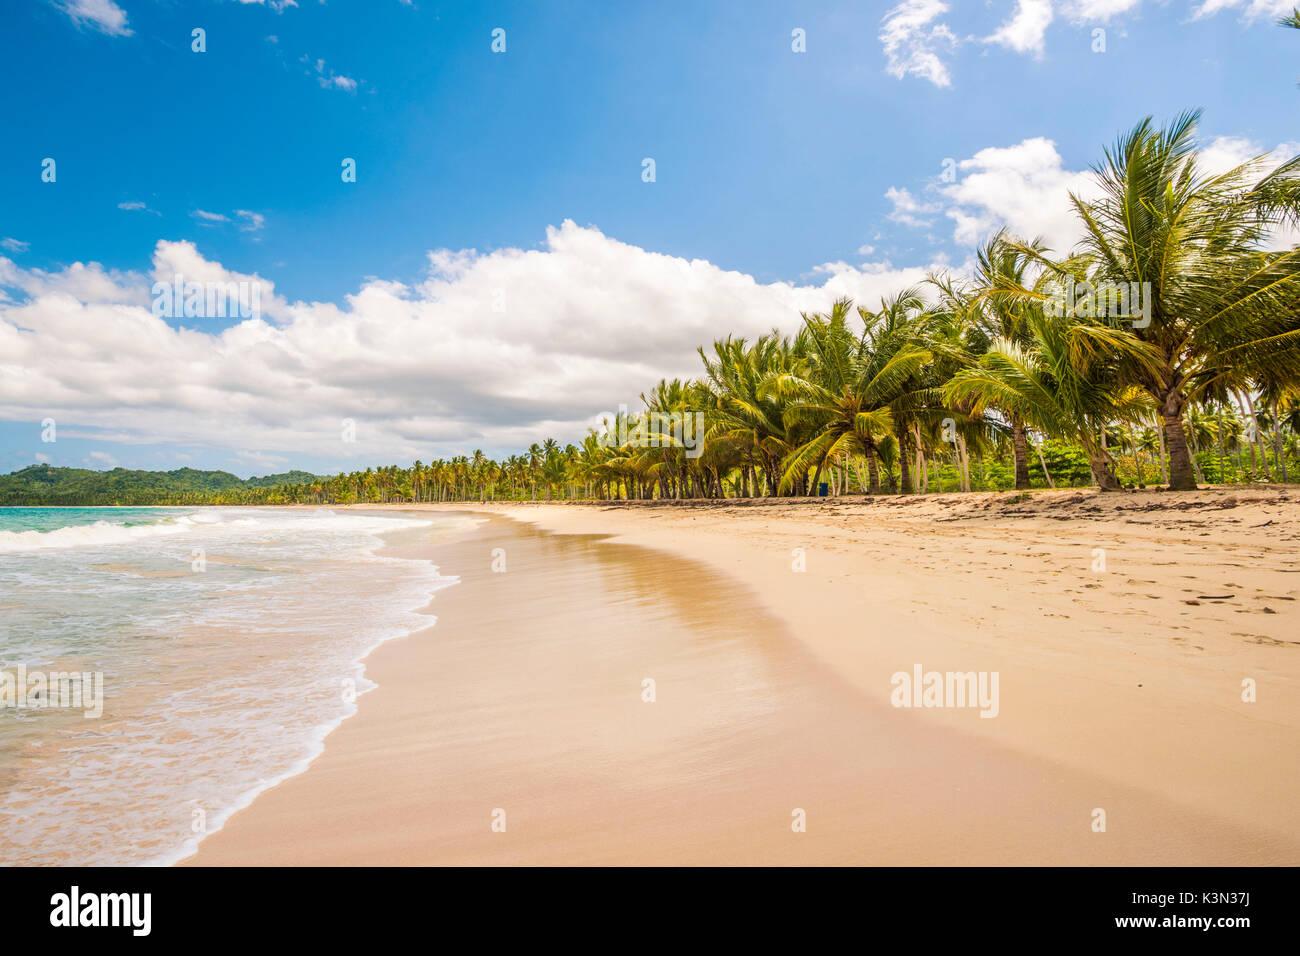 Playa Rincon, Halbinsel Samana, Dominikanische Republik. Stockbild